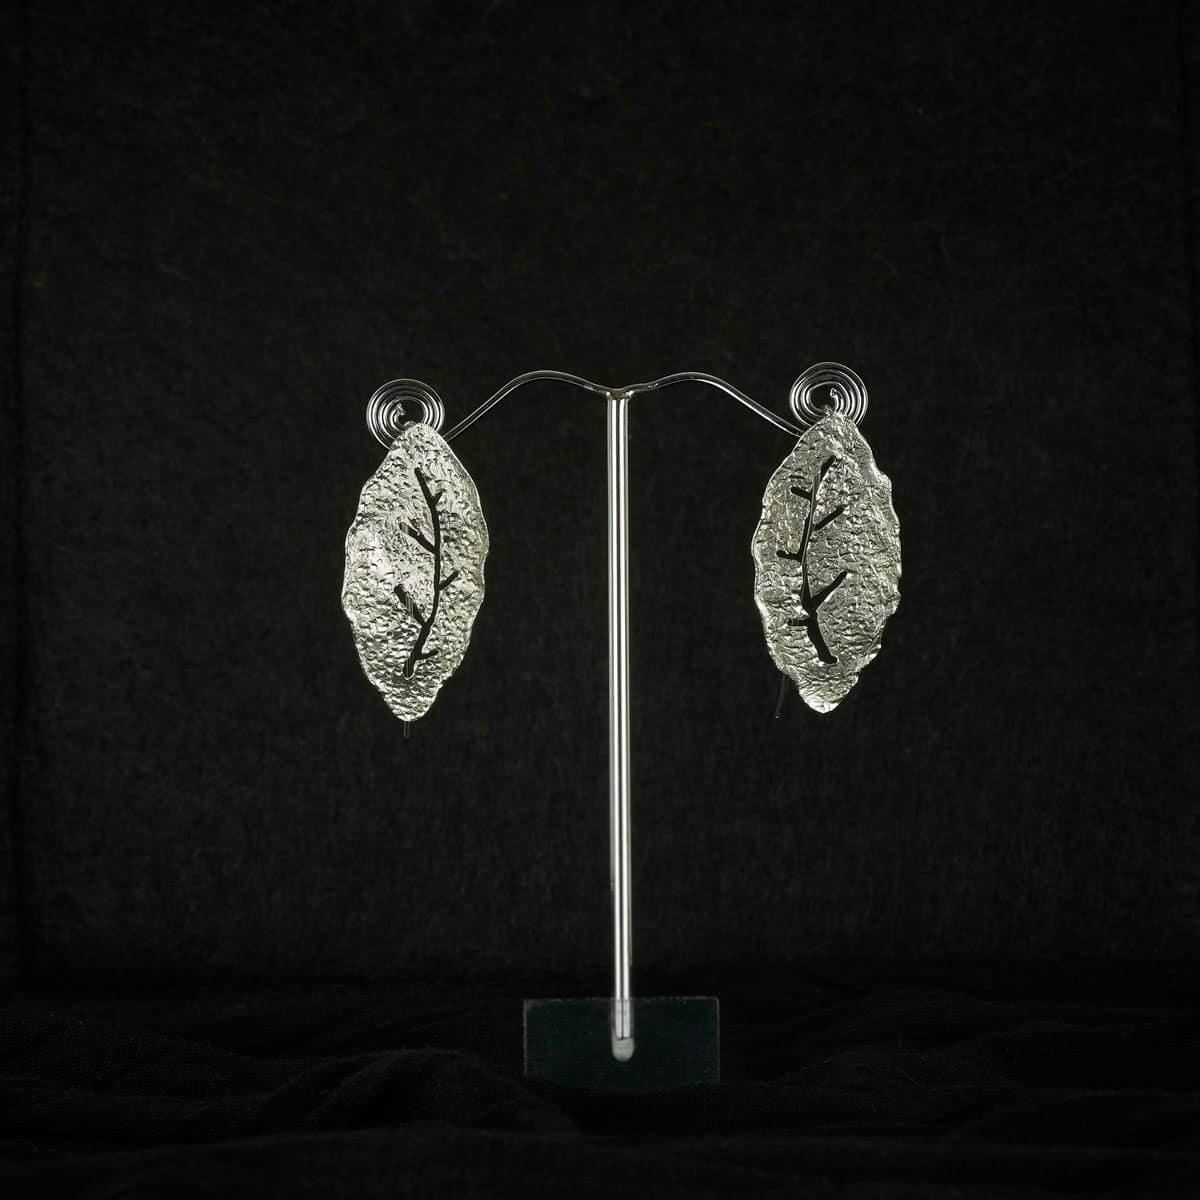 Pendientes de diseño modelo Natura2. Joyería de diseño en plata. Joyas Siliva.